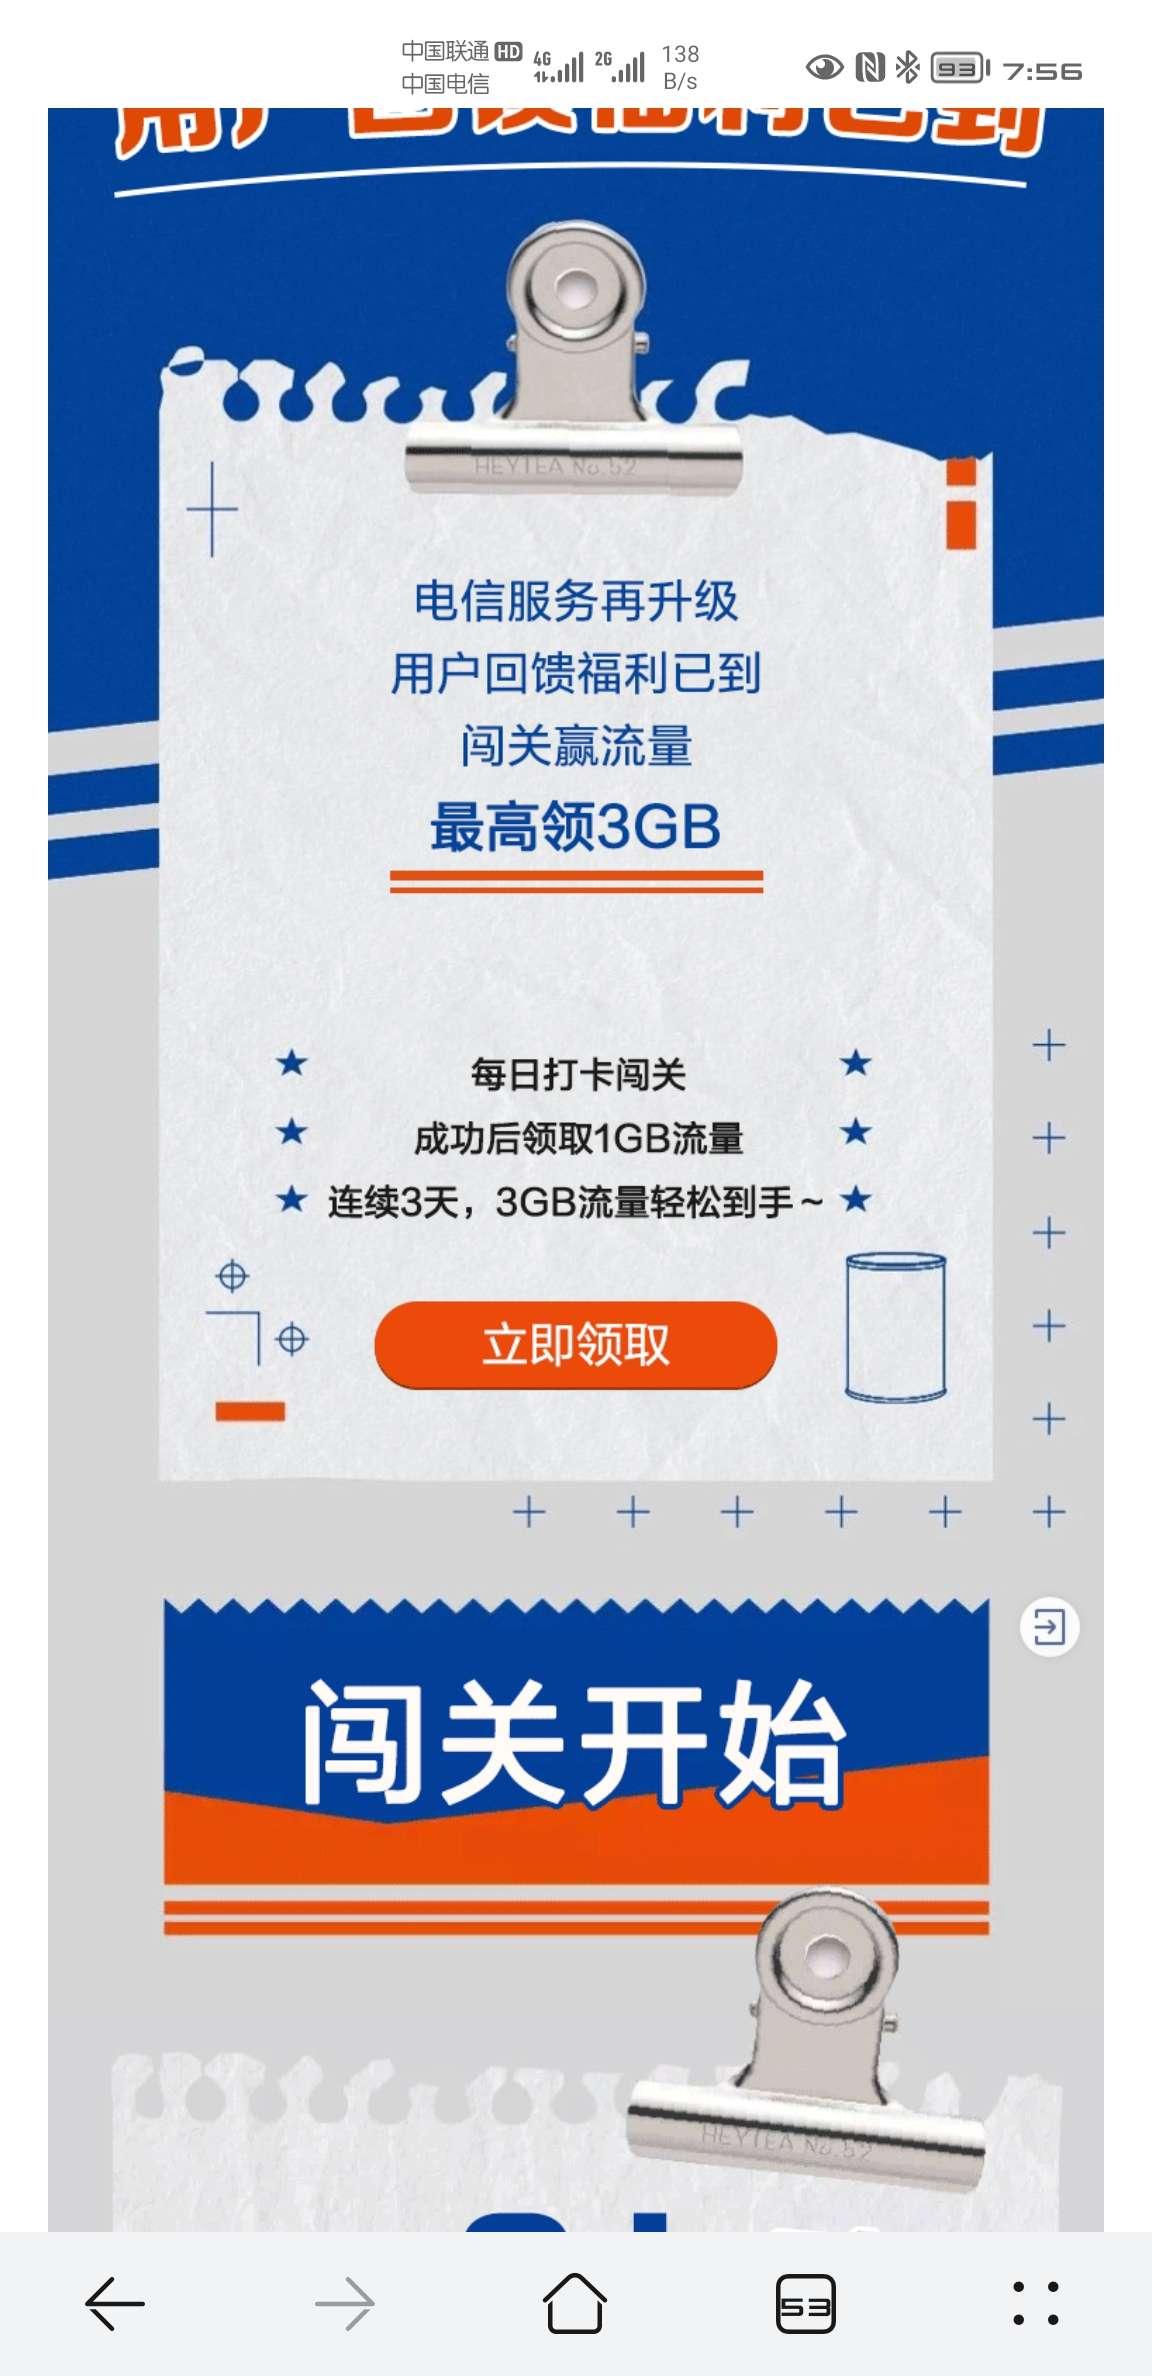 【虚拟物品】江西电信3GB流量限时领